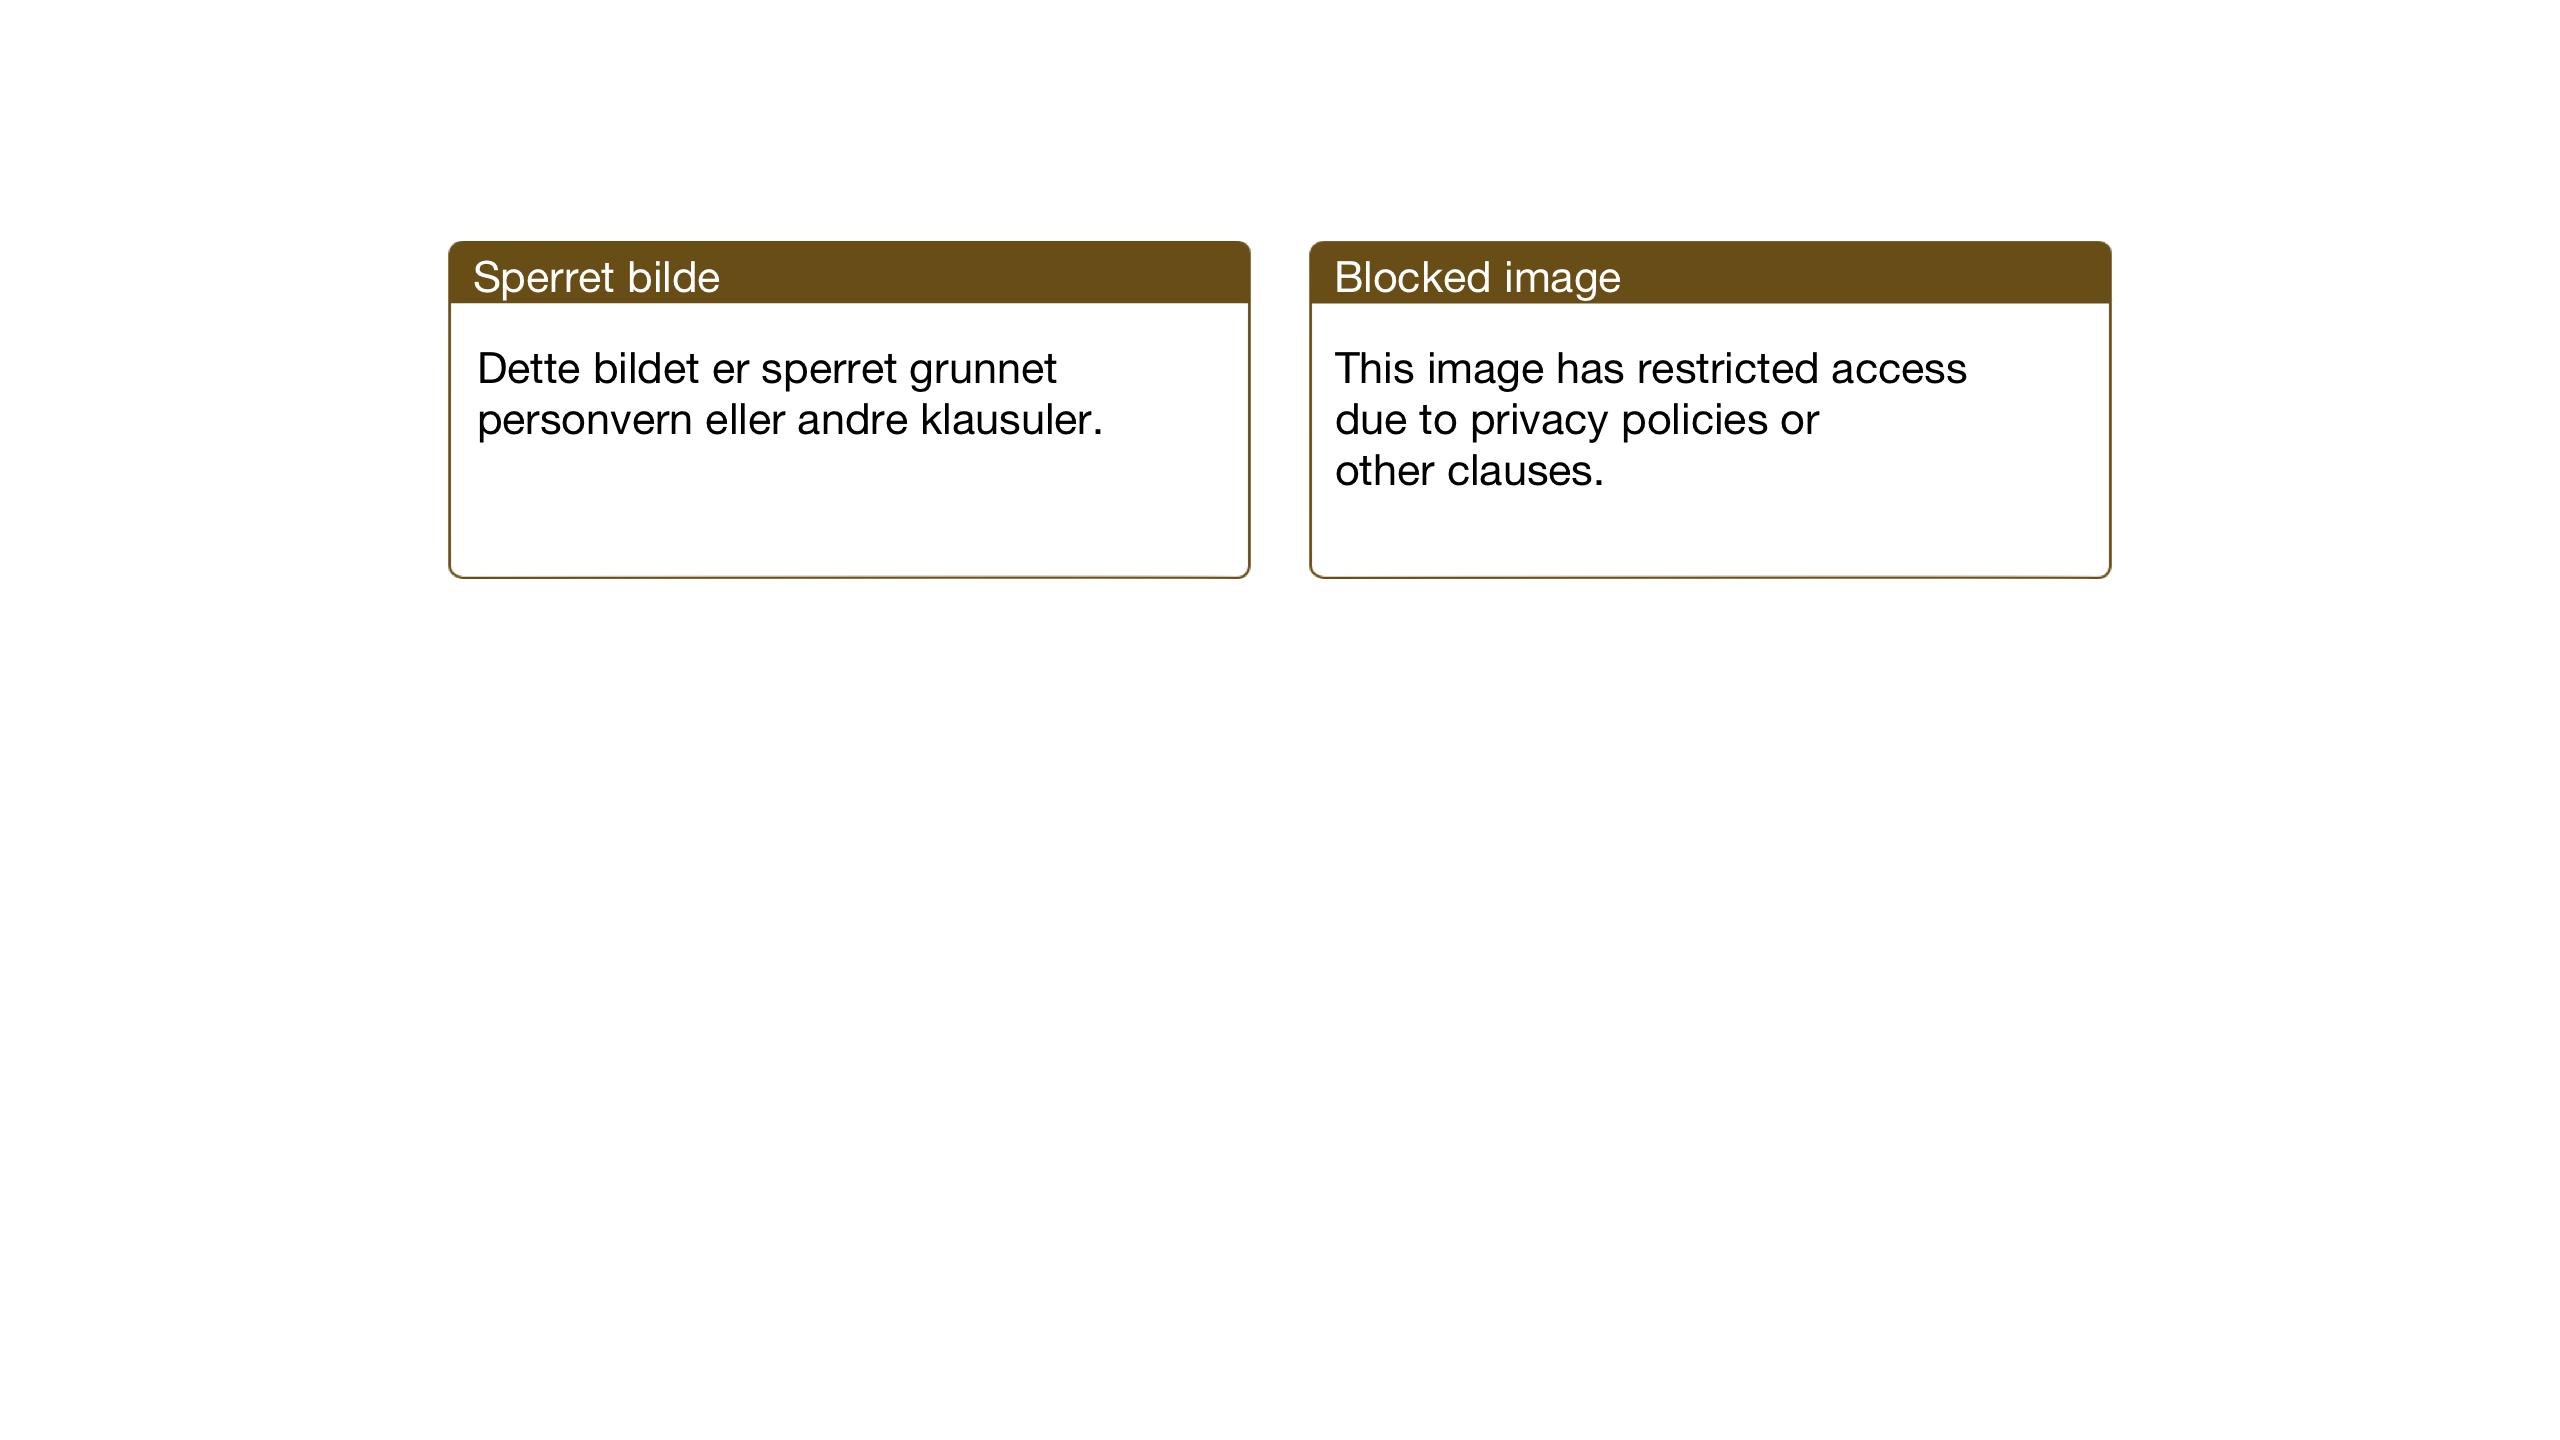 SAT, Ministerialprotokoller, klokkerbøker og fødselsregistre - Nord-Trøndelag, 768/L0583: Klokkerbok nr. 768C01, 1928-1953, s. 15